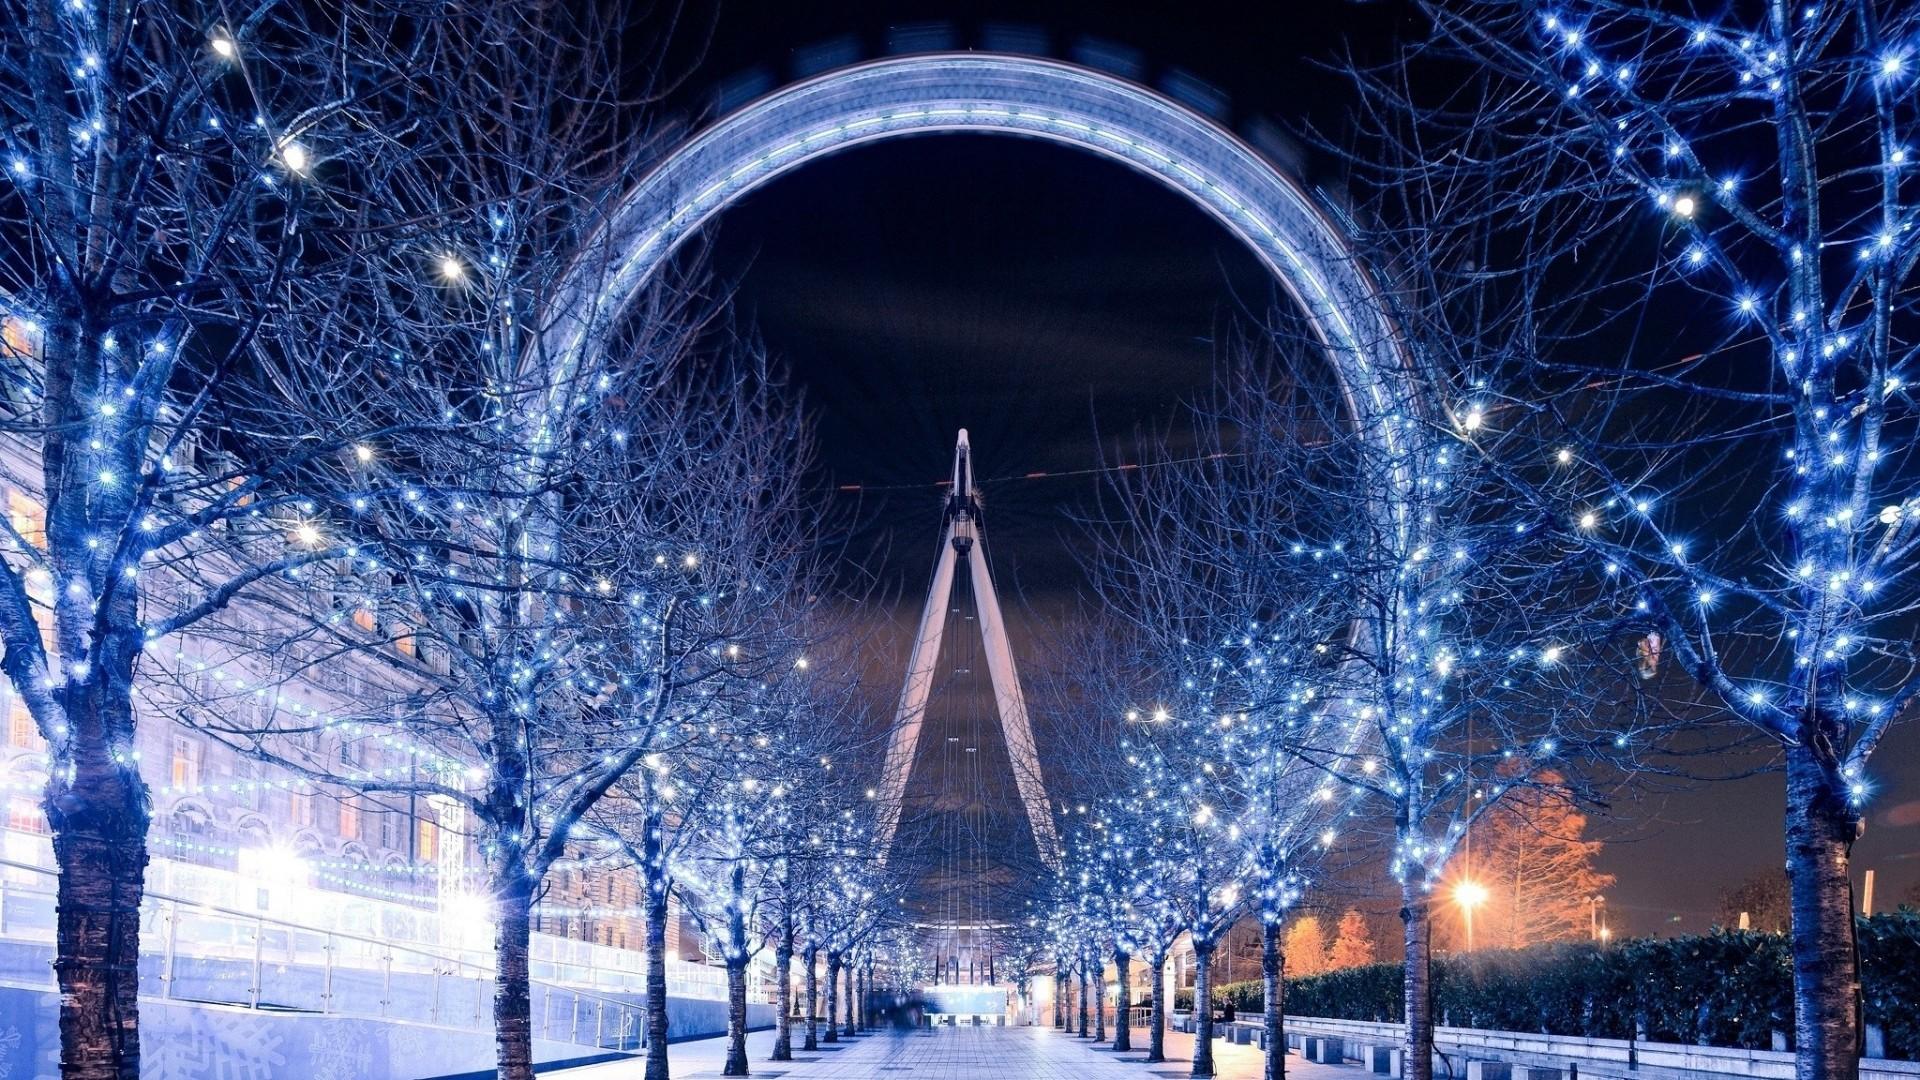 Wallpaper london eye, ferris wheel, london, winter, beautiful